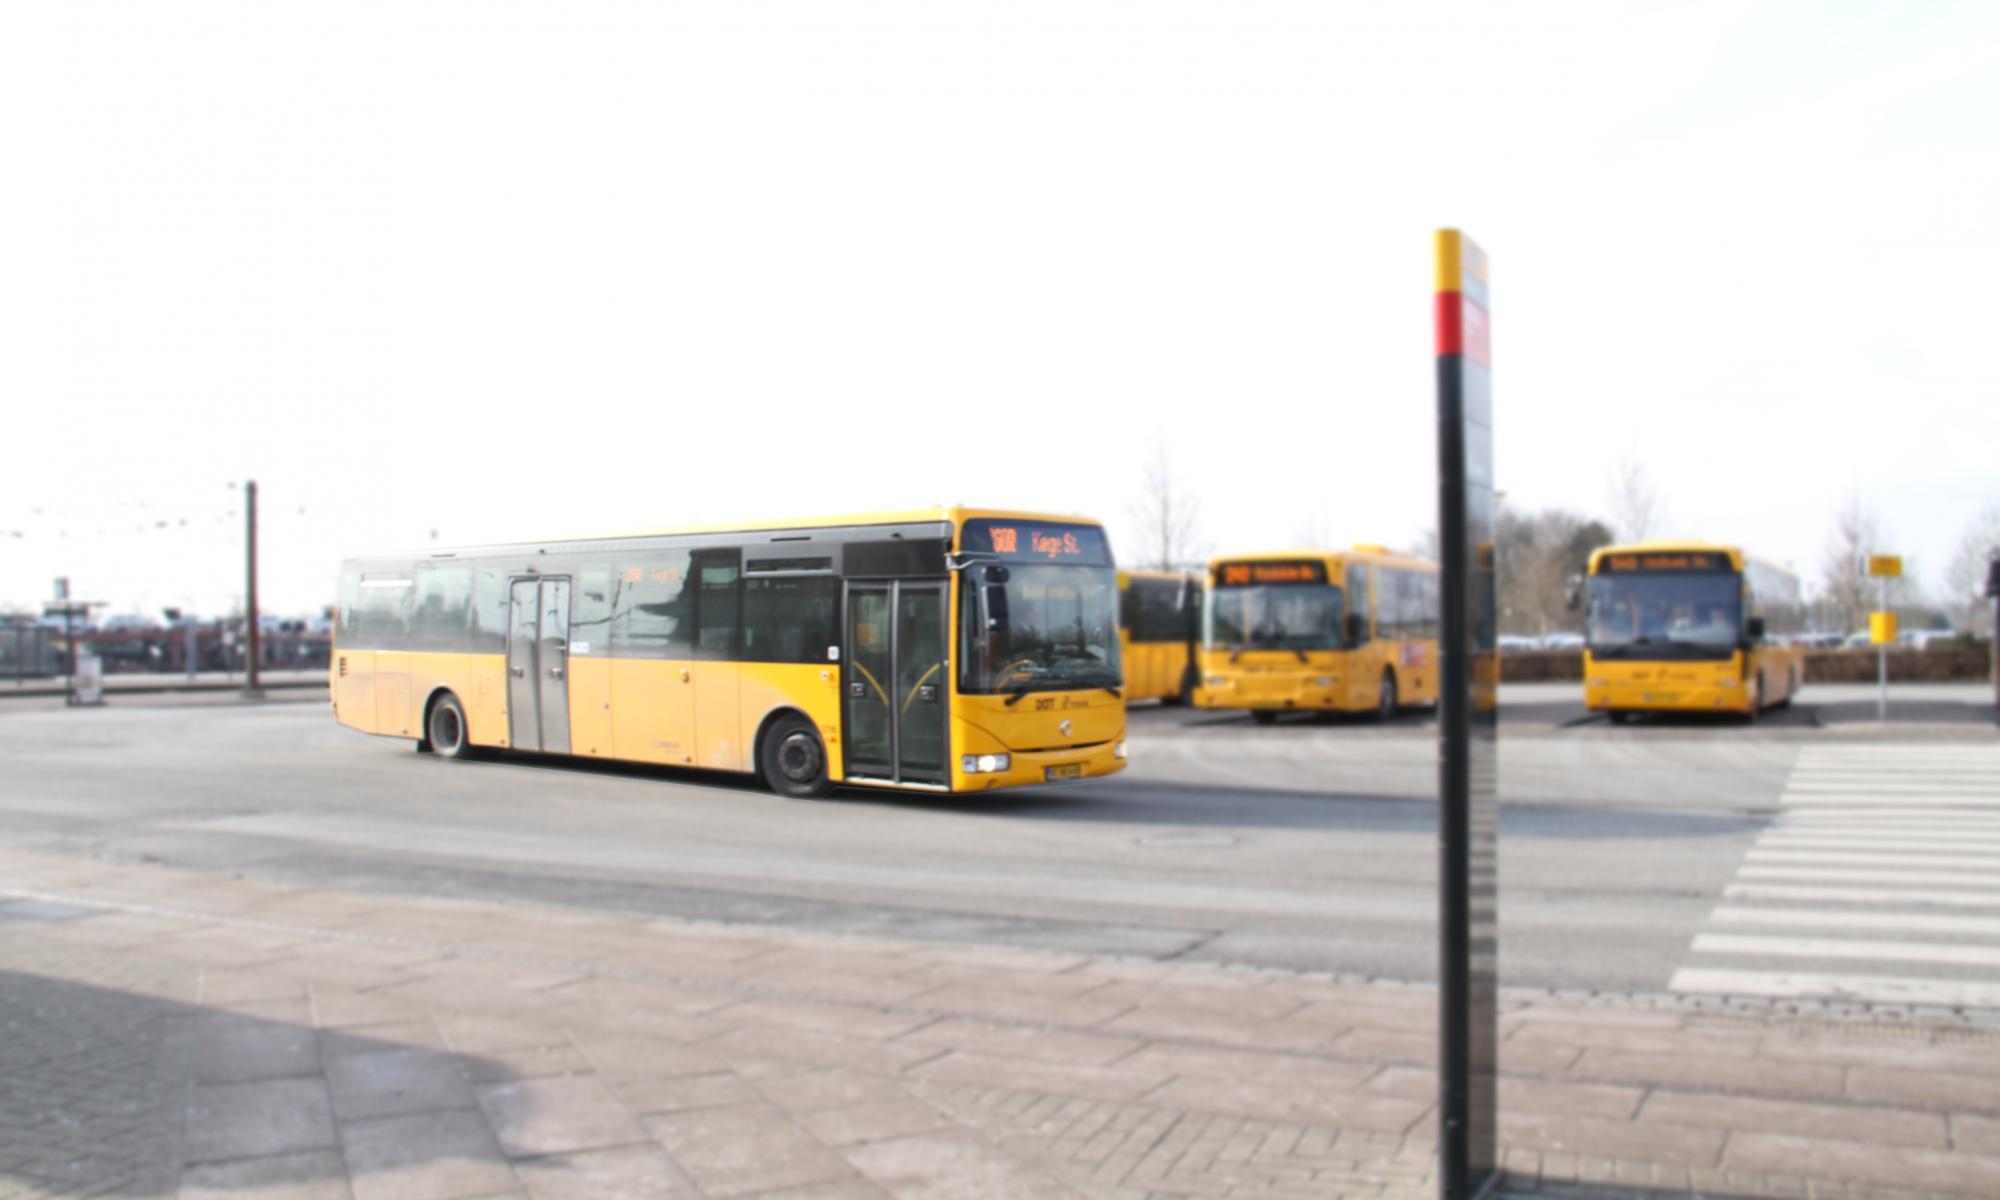 Nogle busser i Ringsted kører nonstop, så forsinkelser ikke kan hentes. Tempoet er for højt.